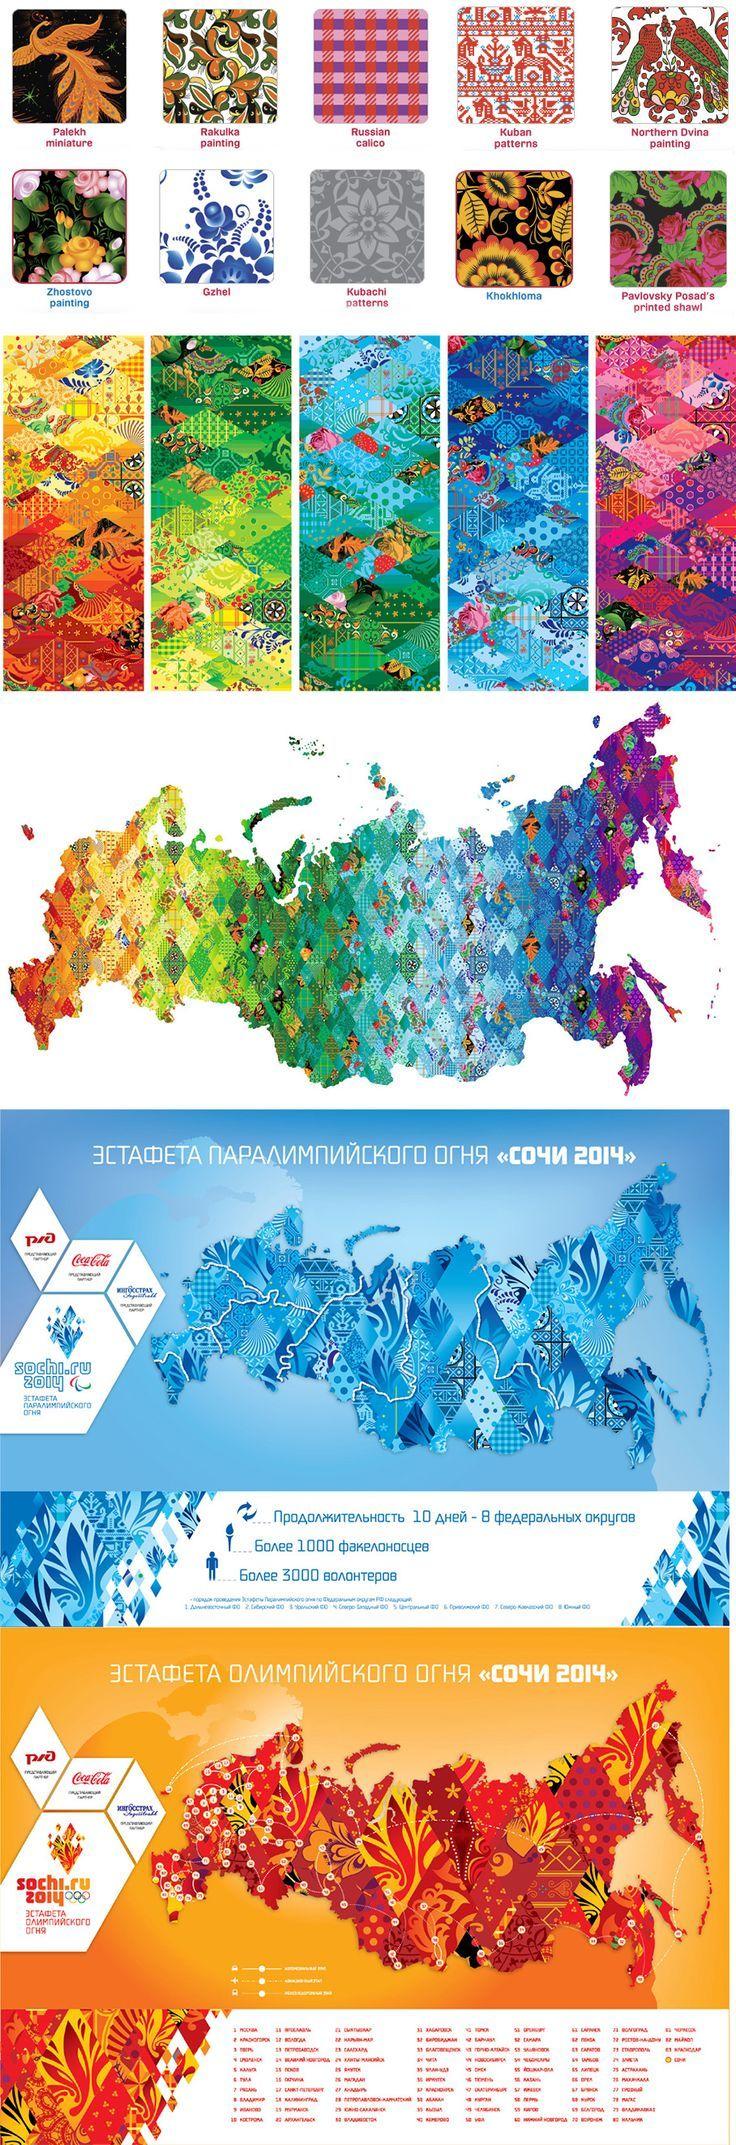 [2014 소치 동계올림픽 디자인] 디지털시대의 혁신적 이미지와 러시아 전통 패턴의 만남 : 네이버 블로그